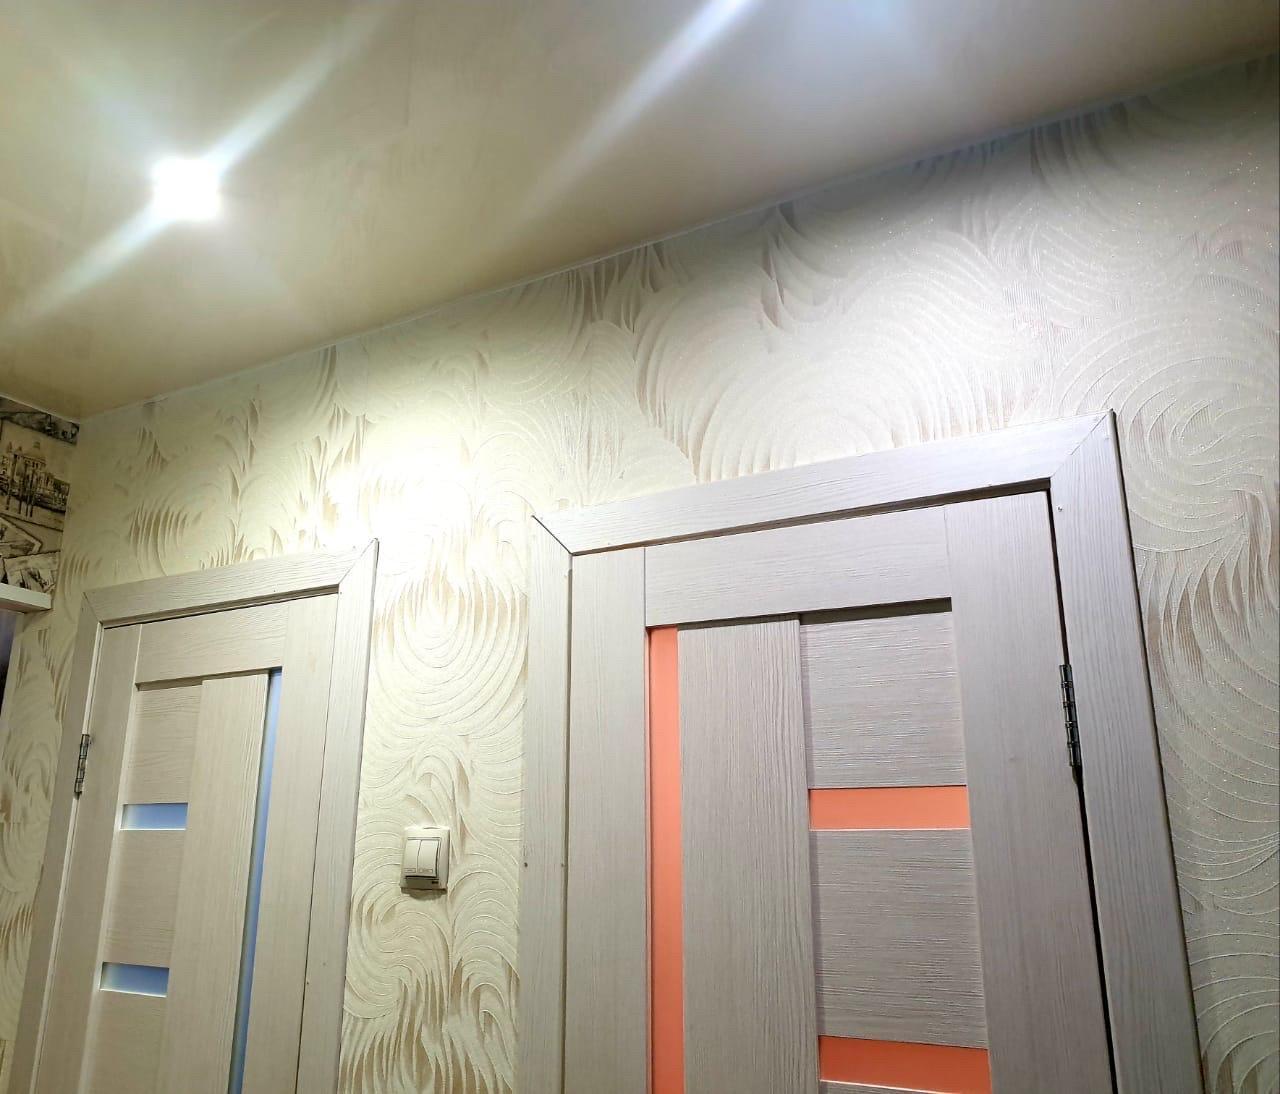 Квартира на продажу по адресу Россия, Томская область, Томск, Ивана Черных ул., д. 32